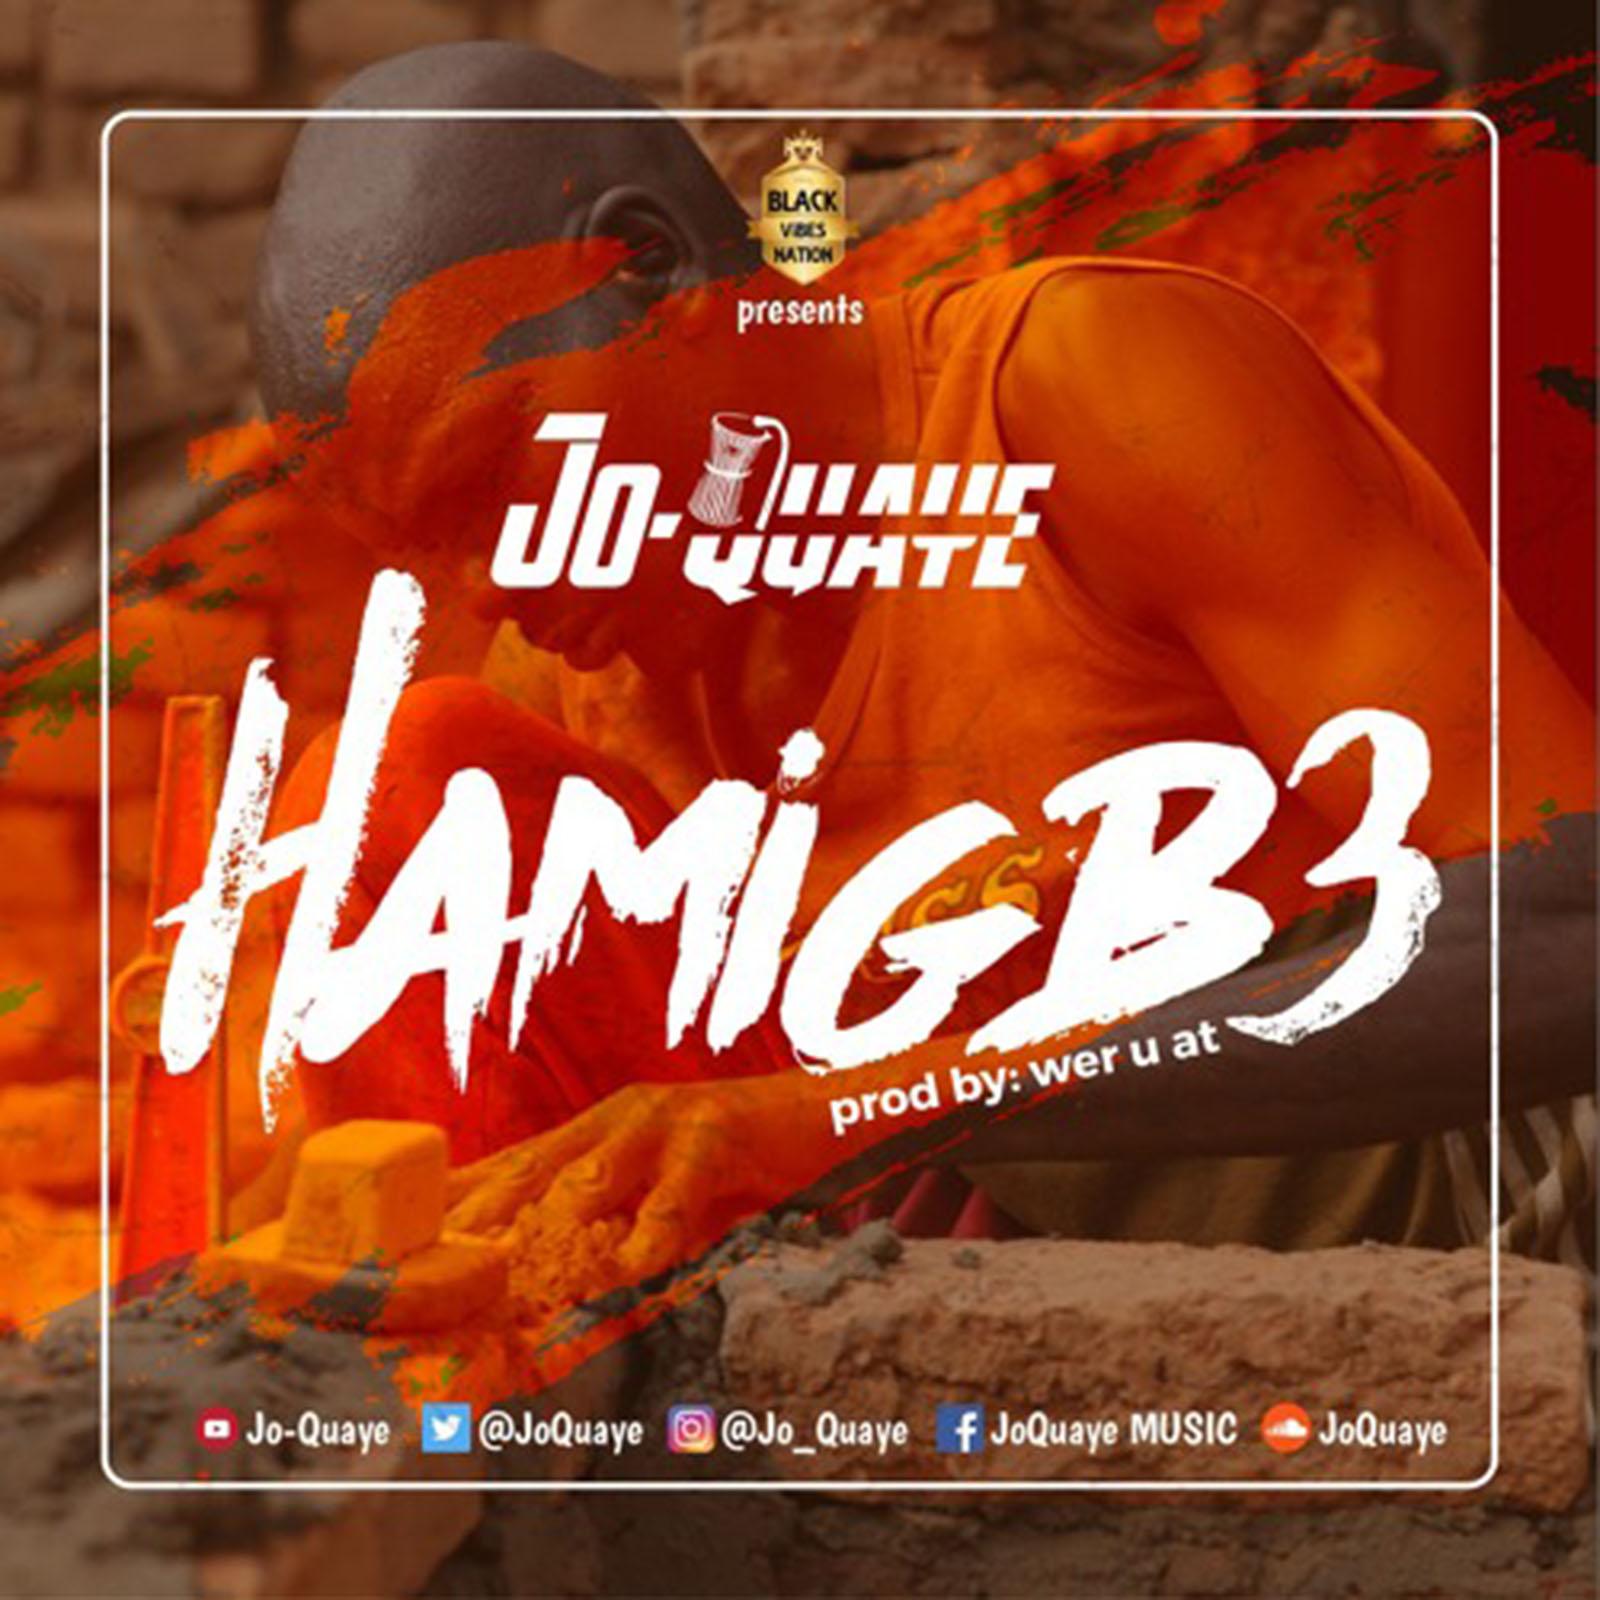 Hamigb3 by Jo-Quaye